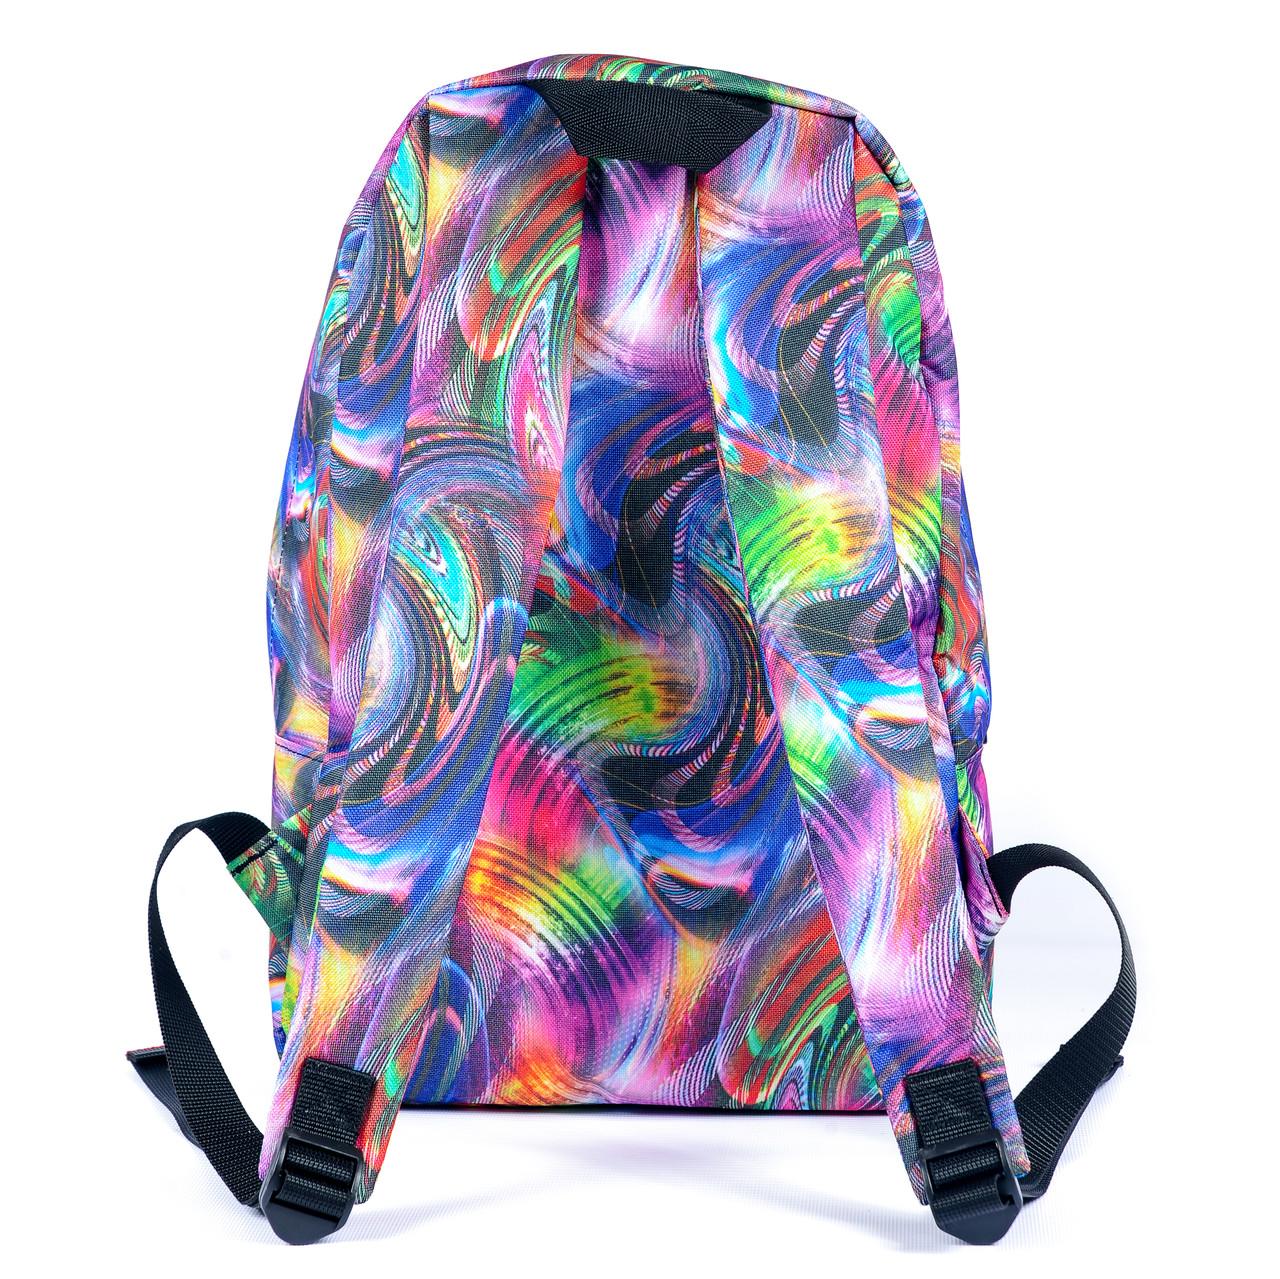 Рюкзак Mayers молодежный с принтом Разноцветные разводы, 14 л, фото 3